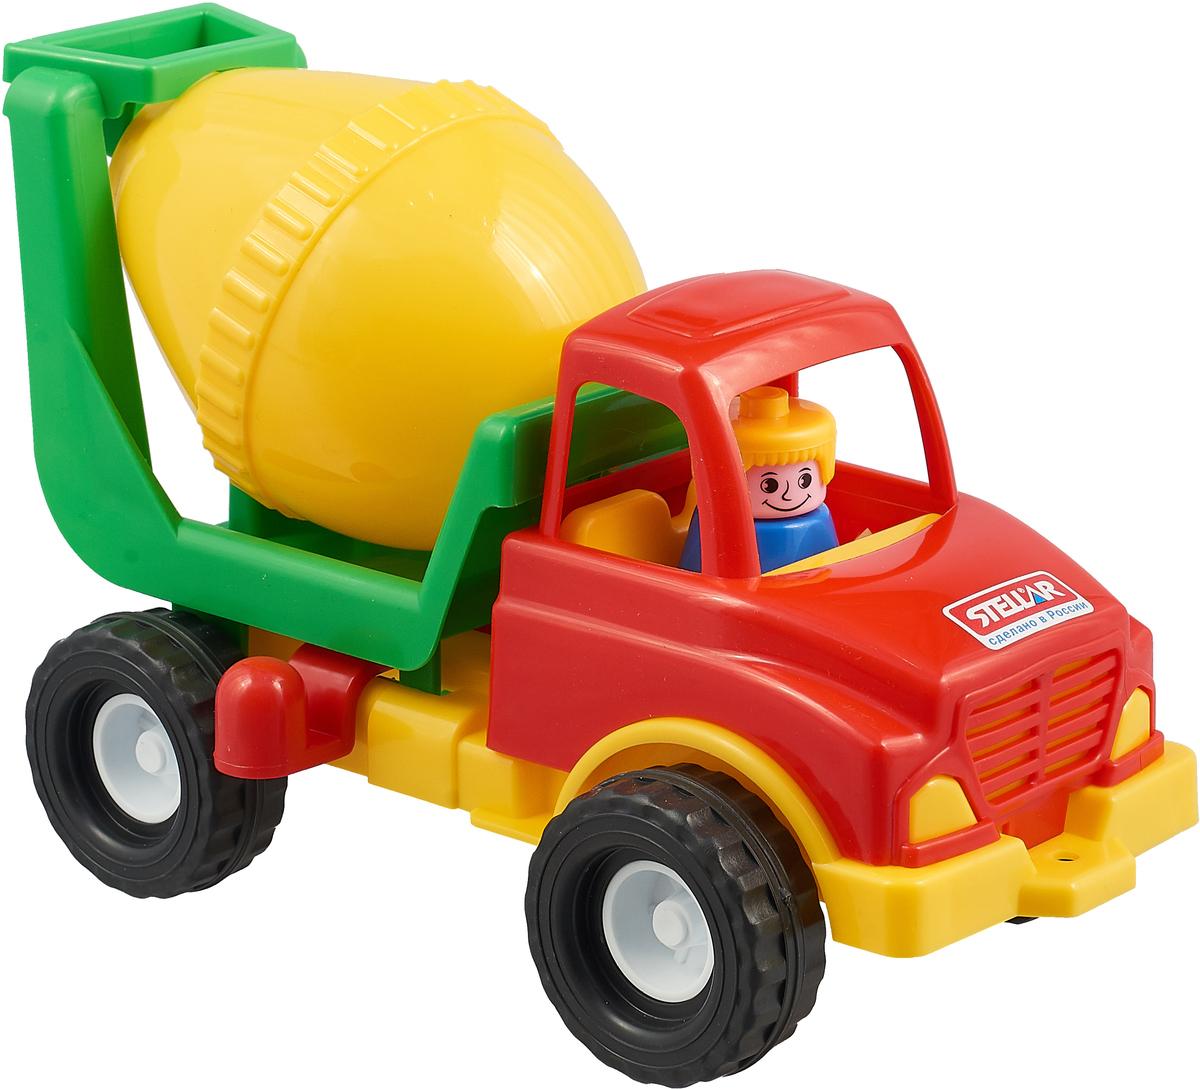 Stellar Игрушка для песочницы Бетономешалка красный,желтый,зеленый развивающая игрушка stellar веселый молоточек цвет зеленый желтый голубой